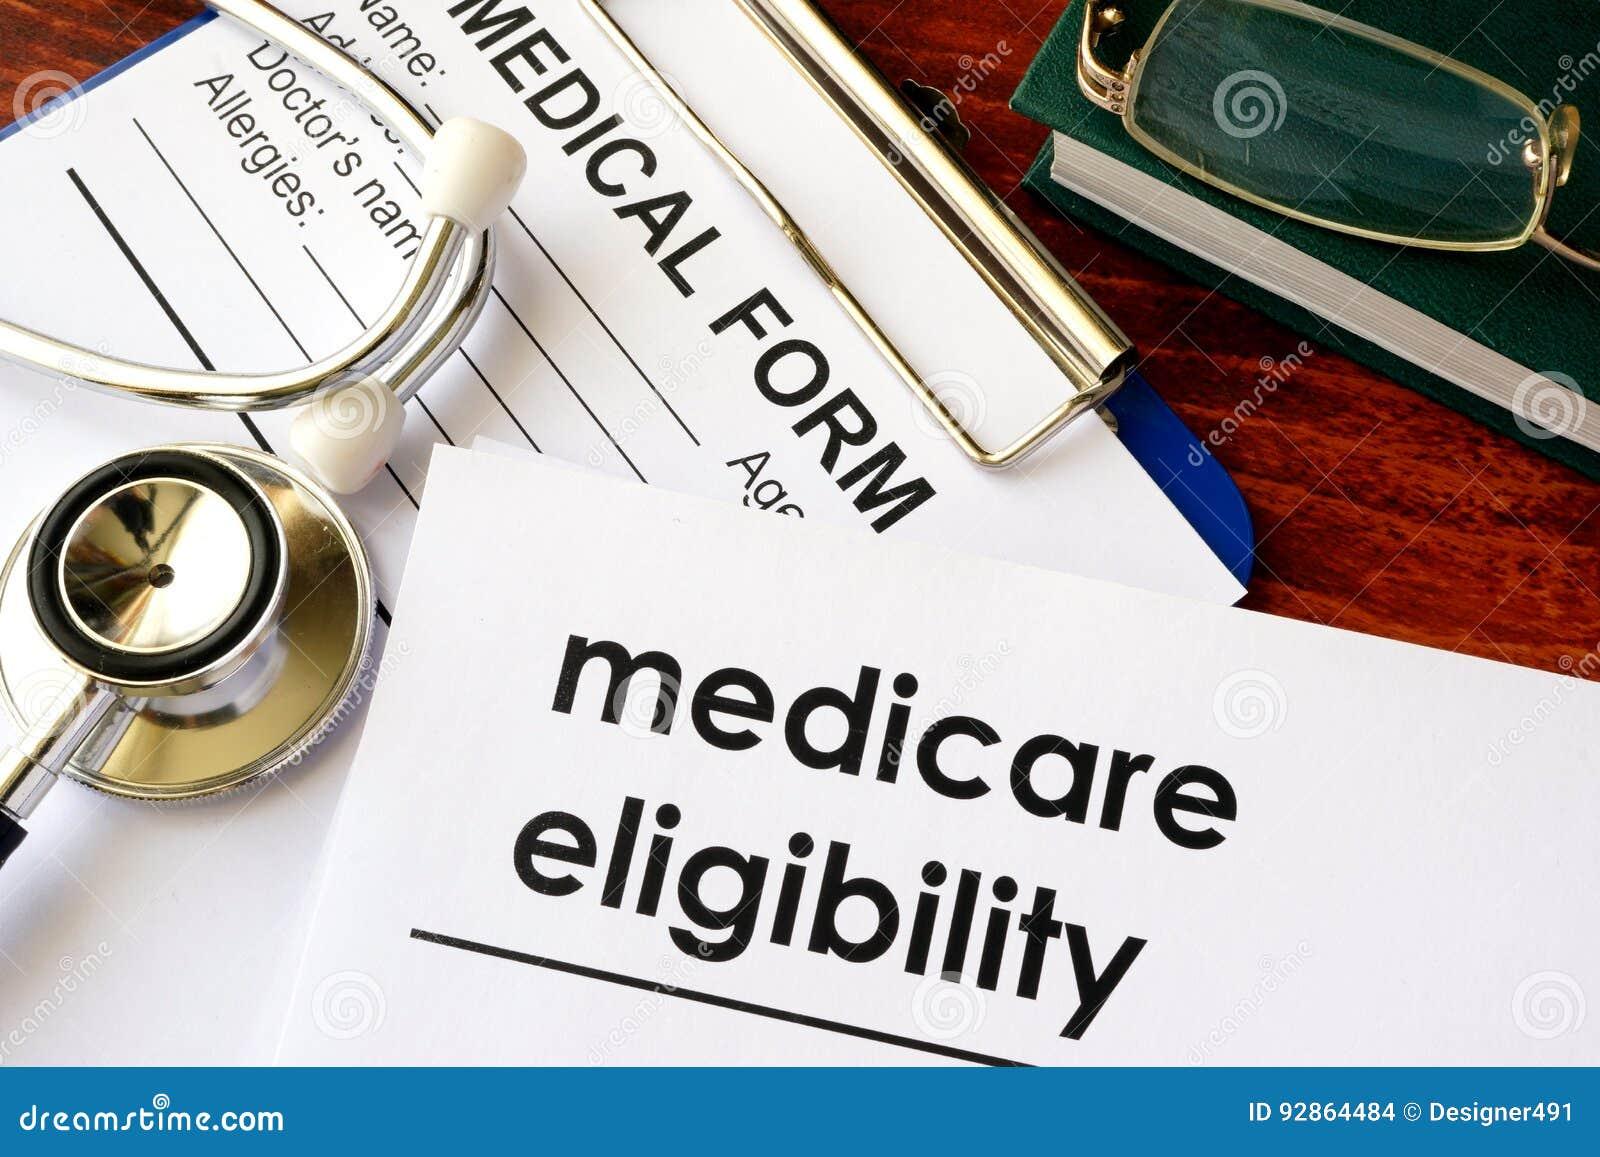 Έγγραφο medicare επιλεξιμότητα